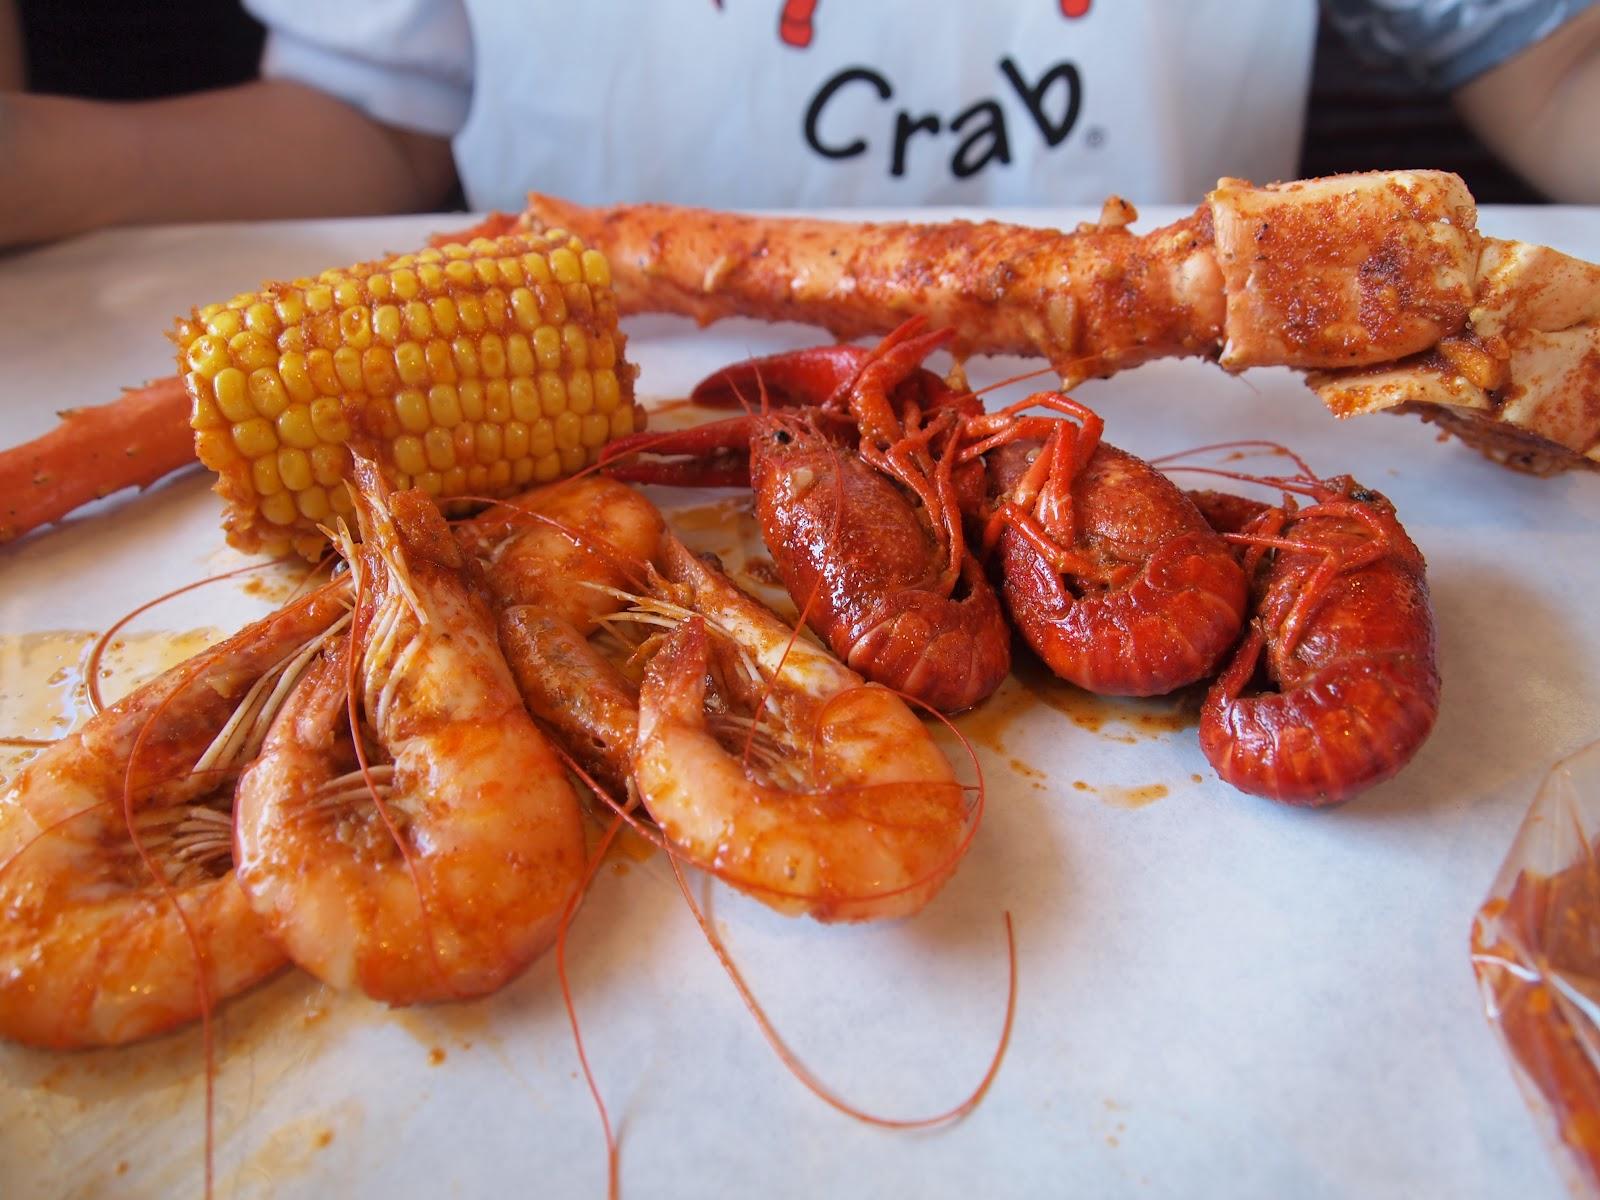 Boiling Crab Menu >> pasyalan, chibogan, kodakan, atbp.: Food::Late Saturday Lunch @ The Boiling Crab